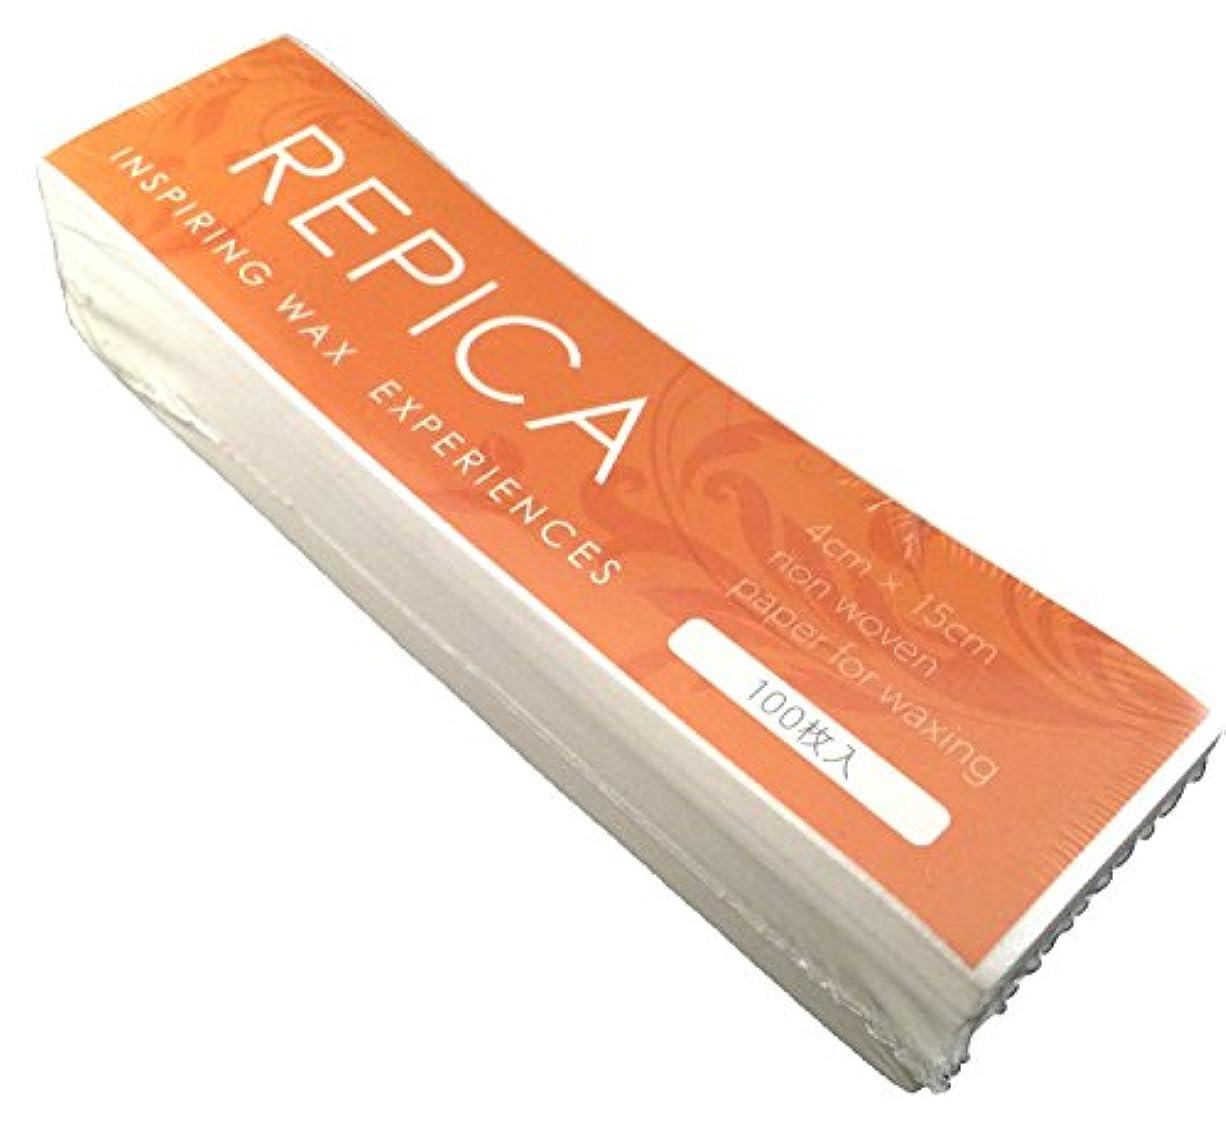 しっとり金属有効REPICA ブラジリアンワックス脱毛 カットペーパー Sサイズ100枚入り×5個セット ワックス脱毛 ワックスシート ストリップシート